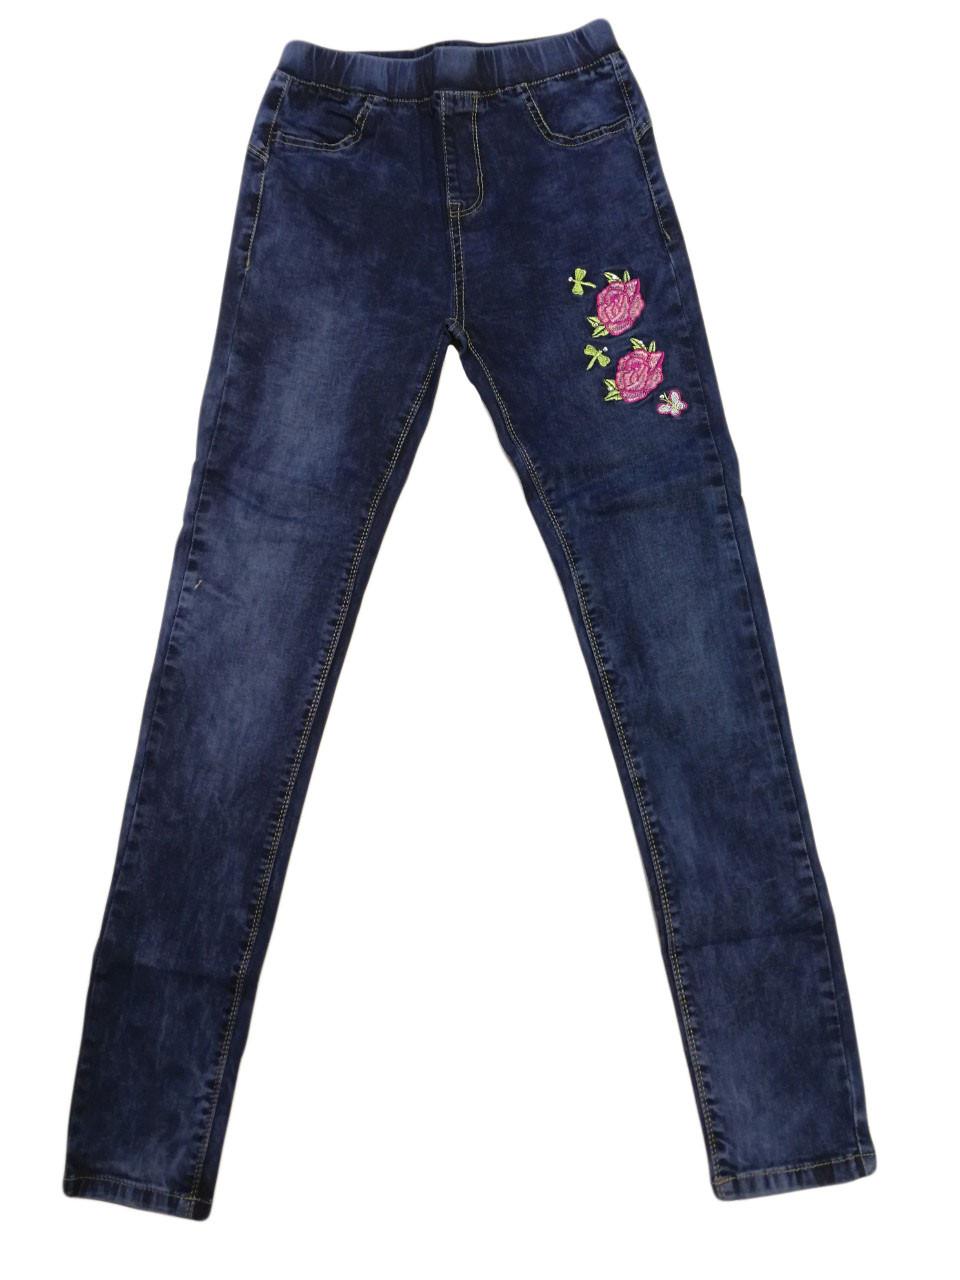 Лосины для девочек под джинс оптом, Seagull , размеры 6-16 лет,  арт. CSQ-1714